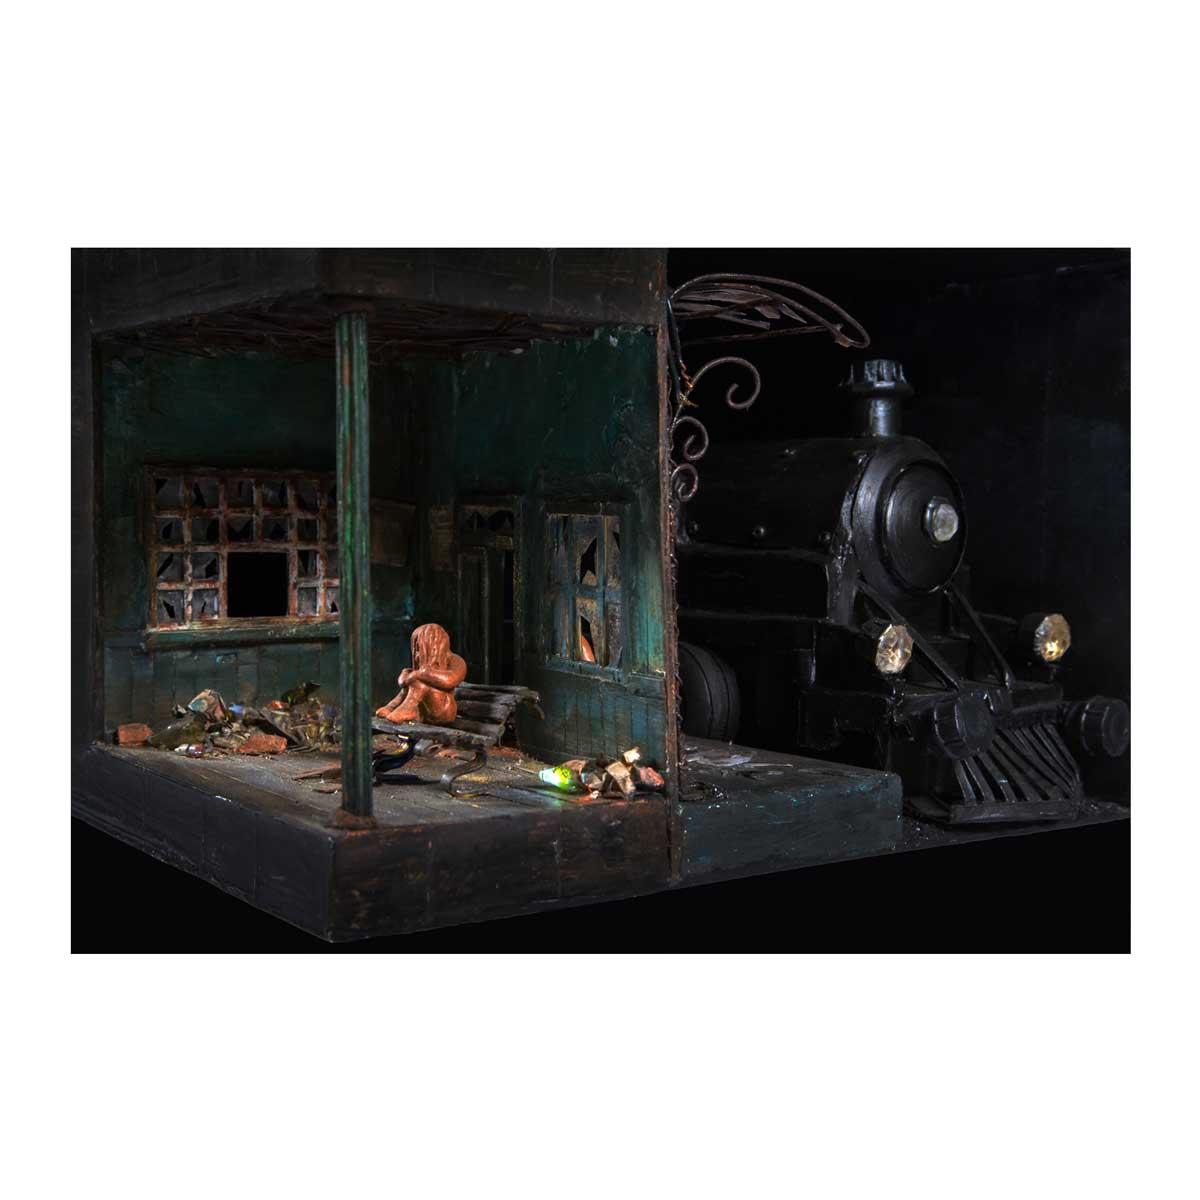 Noëlle de Grandsaigne, Le départ, 2016. Série 'Noëlle met son ciné en boîte' 20 x 32 x 31 cm